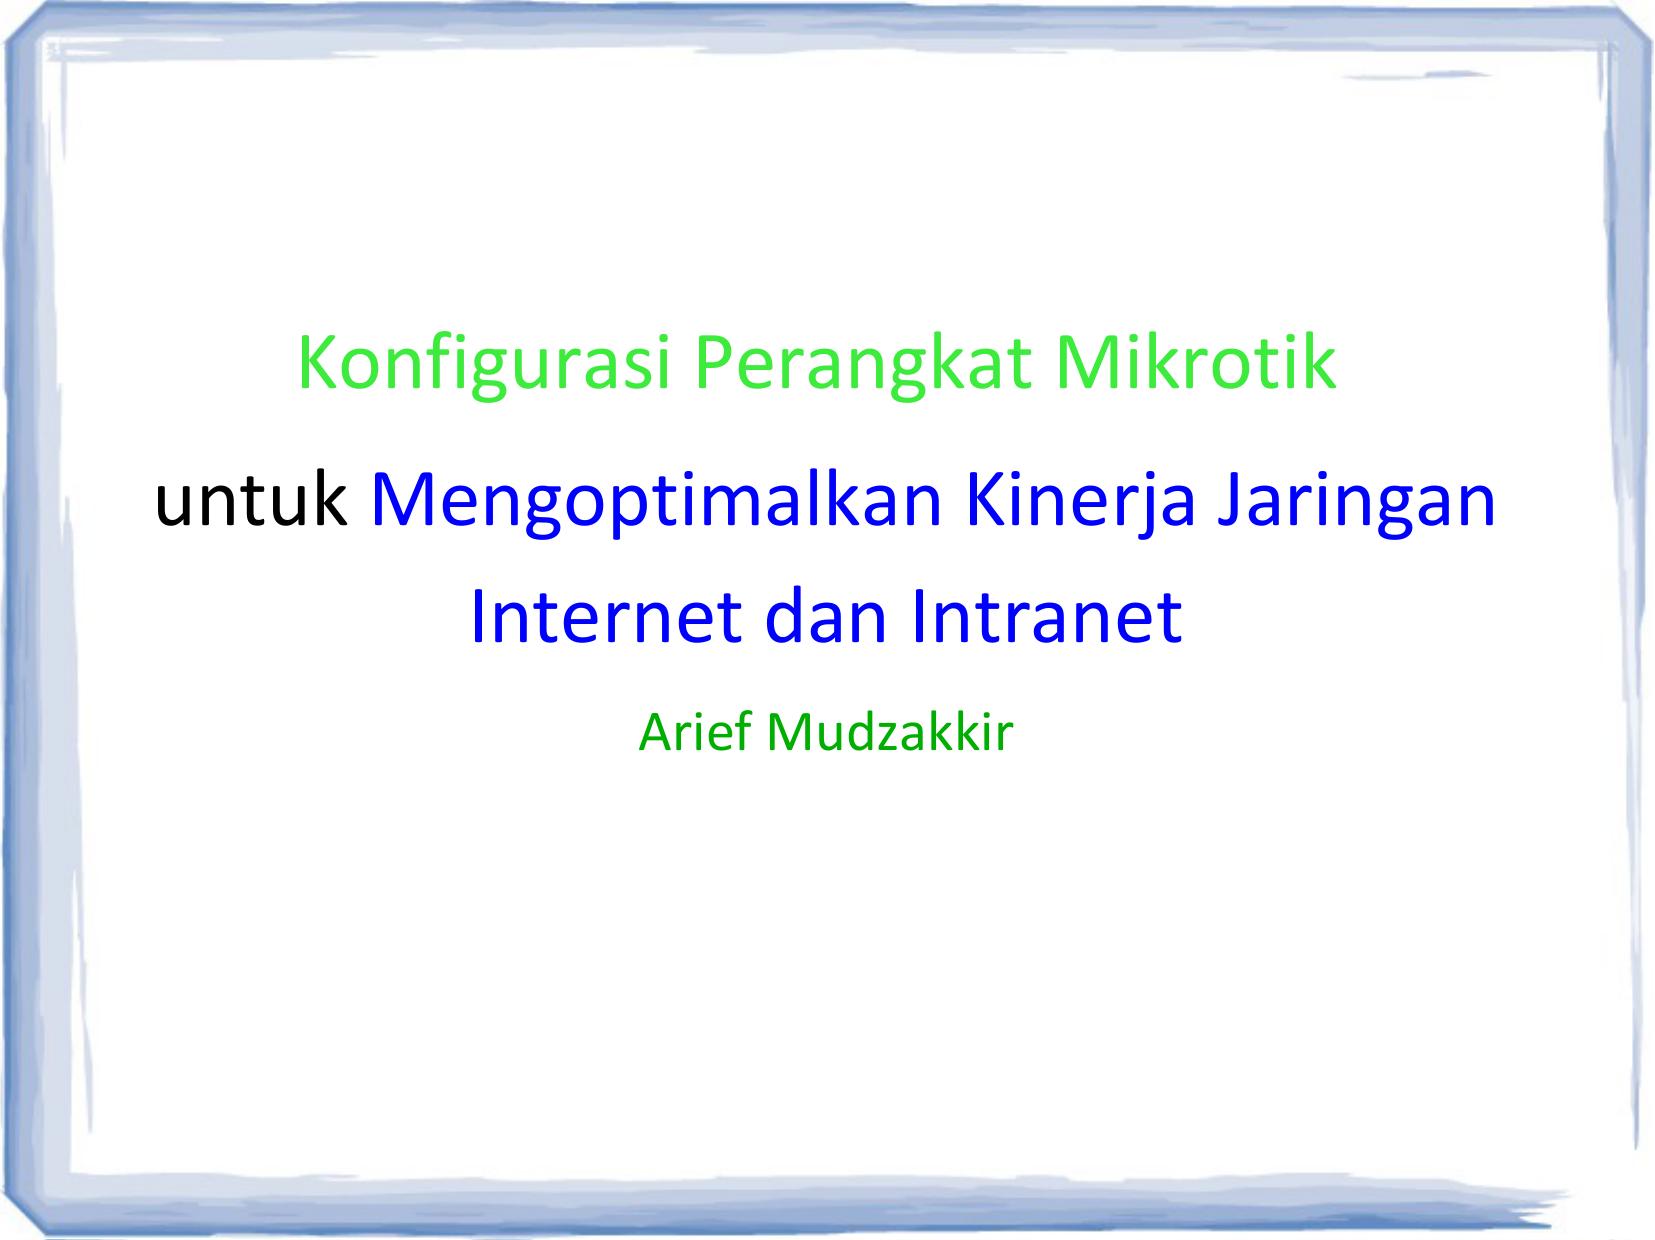 Konfigurasi Perangkat Mikrotik untuk Mengoptimalkan Kinerja